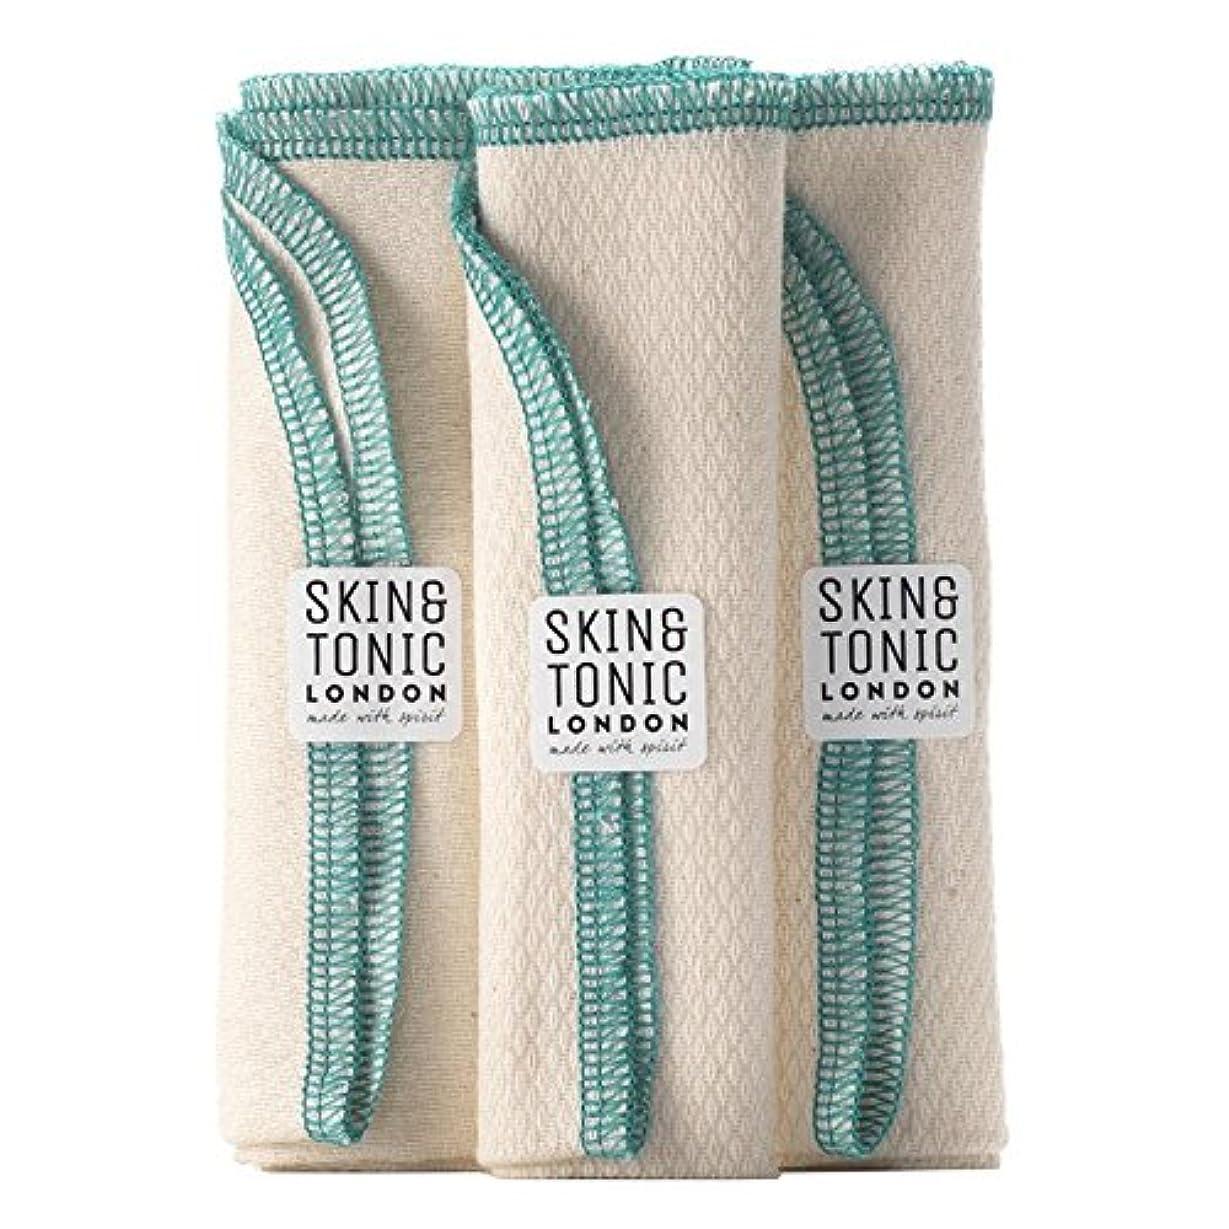 場所集団常にスキン&トニックロンドンオーガニックコットン生地 x2 - Skin & Tonic London Organic Cotton Cloth (Pack of 2) [並行輸入品]